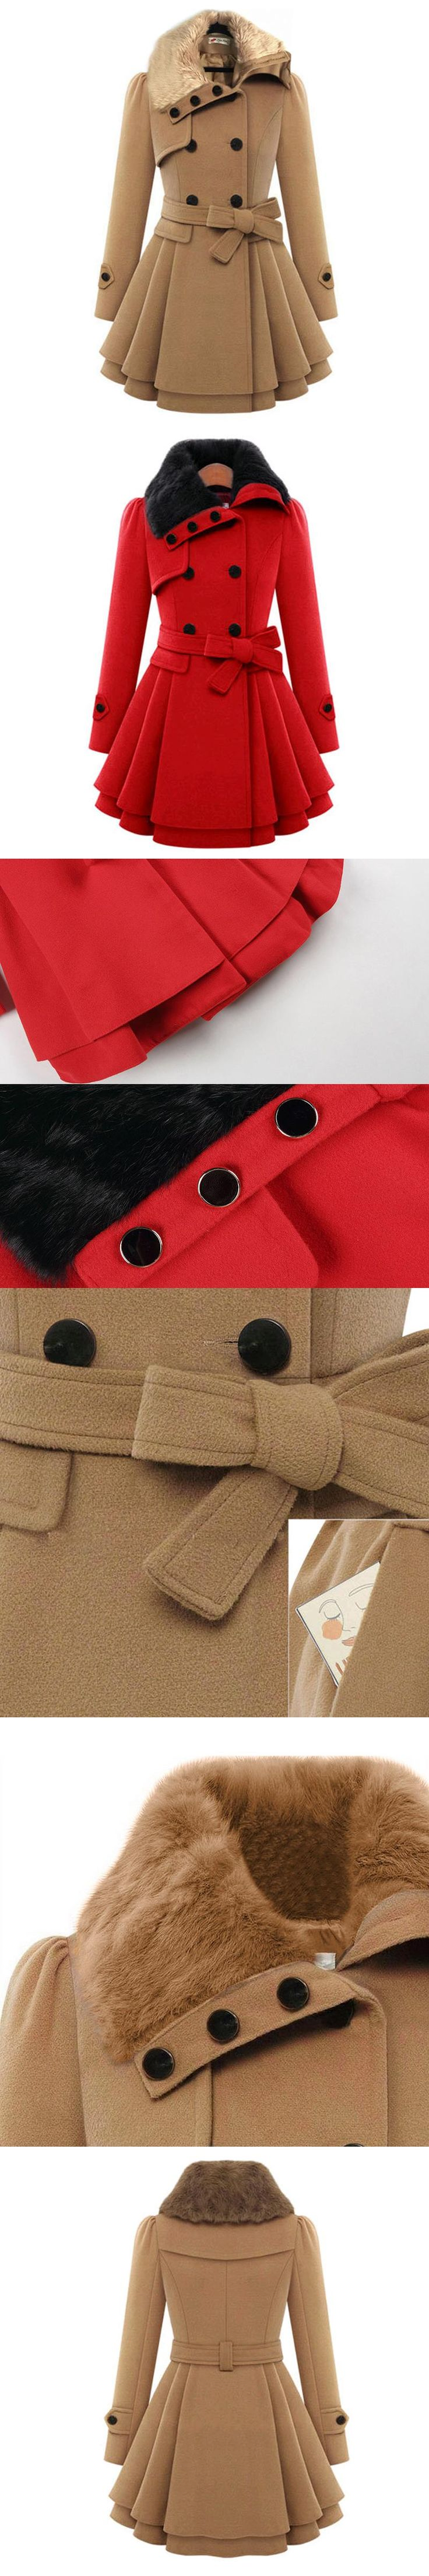 Winter Women Wool Coat 2016 Double-Breasted Button Lapel Pocket Multicolor Plus Size Long Sleeve Ladies Woolen Jacket